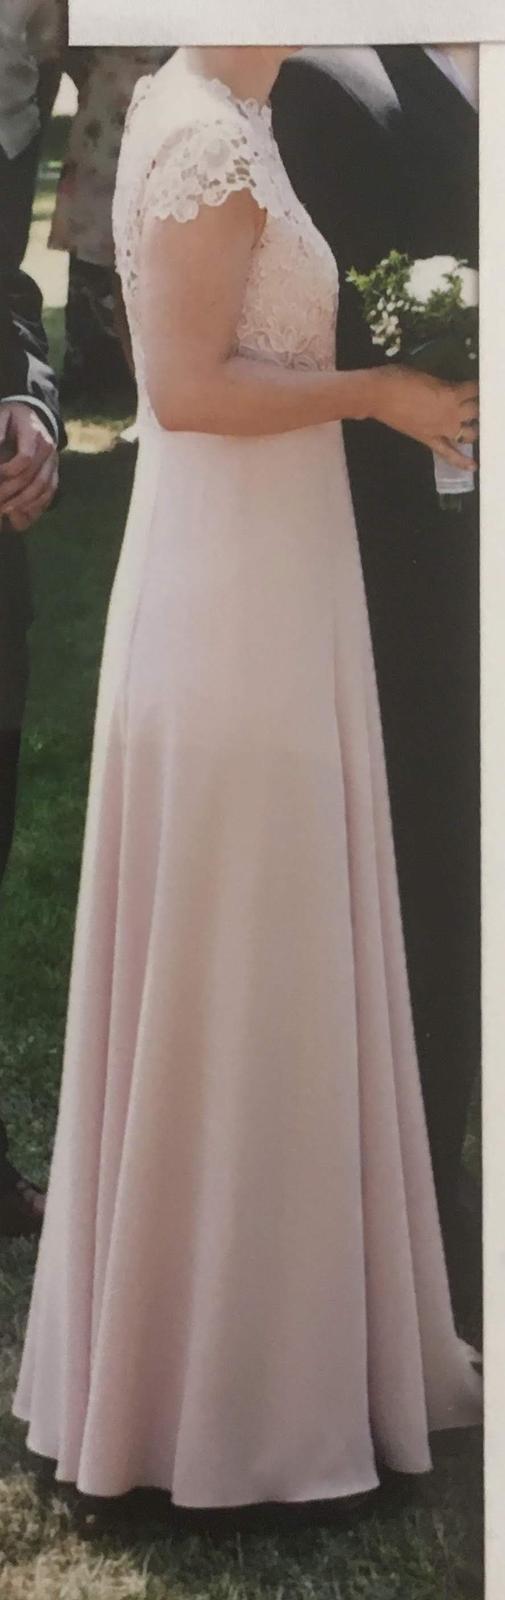 svatební, společenské šaty NEXT vel. 38 - Obrázek č. 4